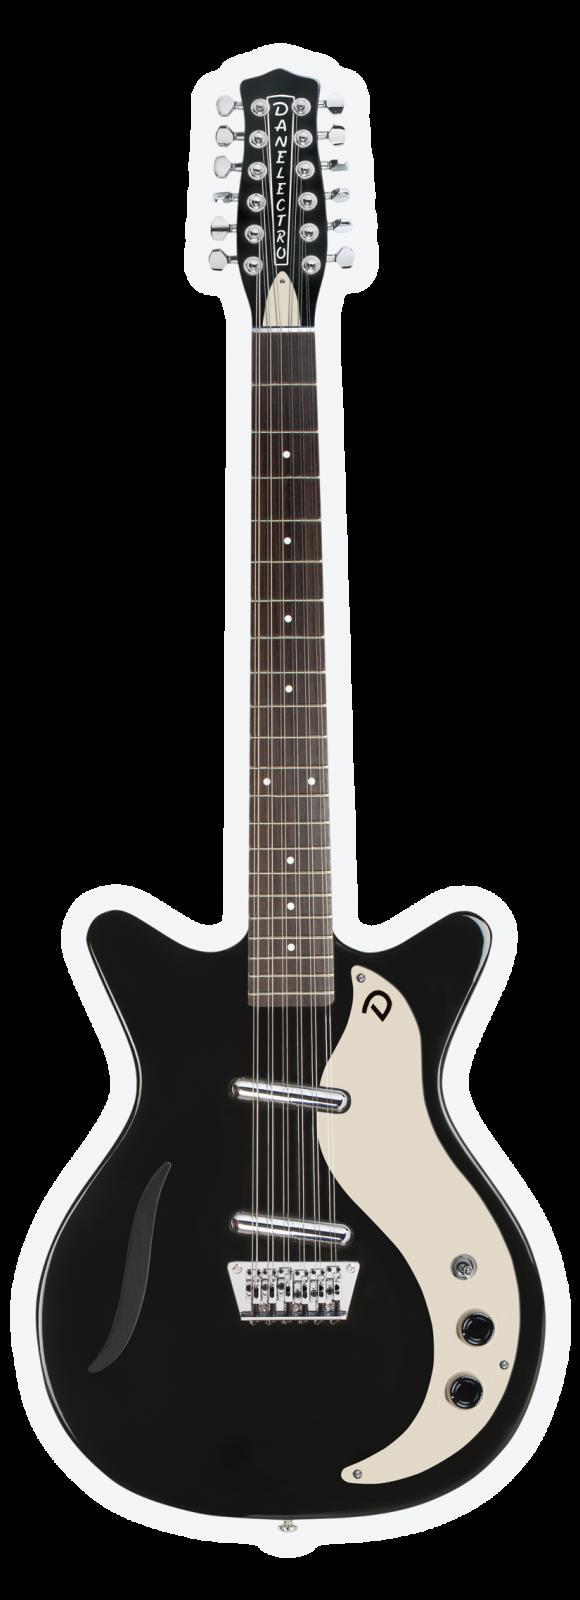 danelectro vintage 12 string electric guitar black 611820022082. Black Bedroom Furniture Sets. Home Design Ideas